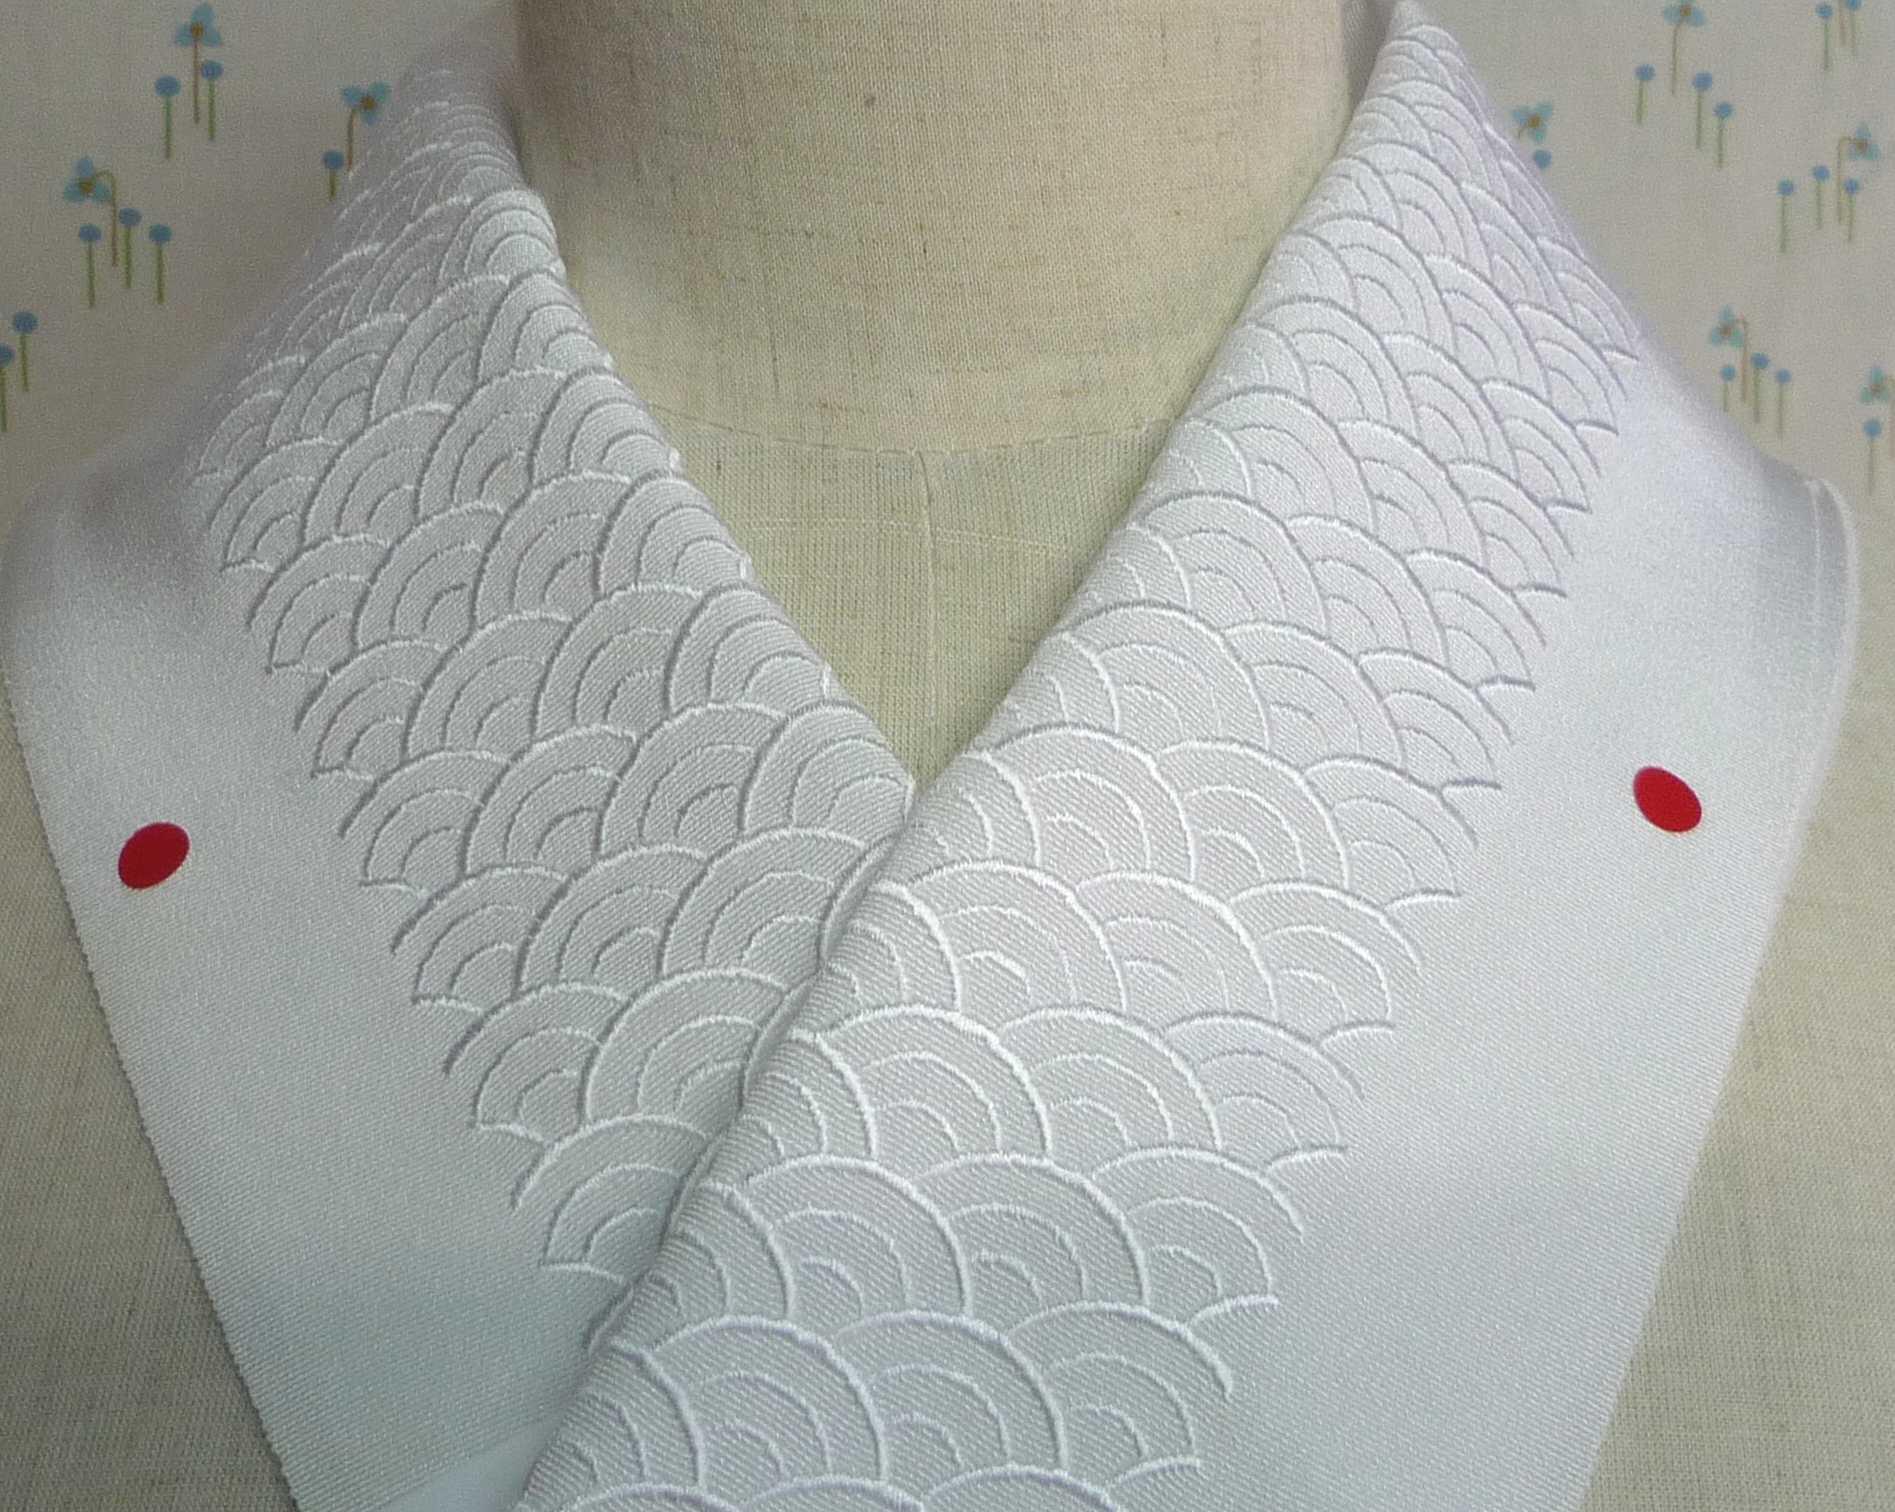 青海波 刺繍半衿【アウトレットにつき半額】礼装 訪問着 色無地に